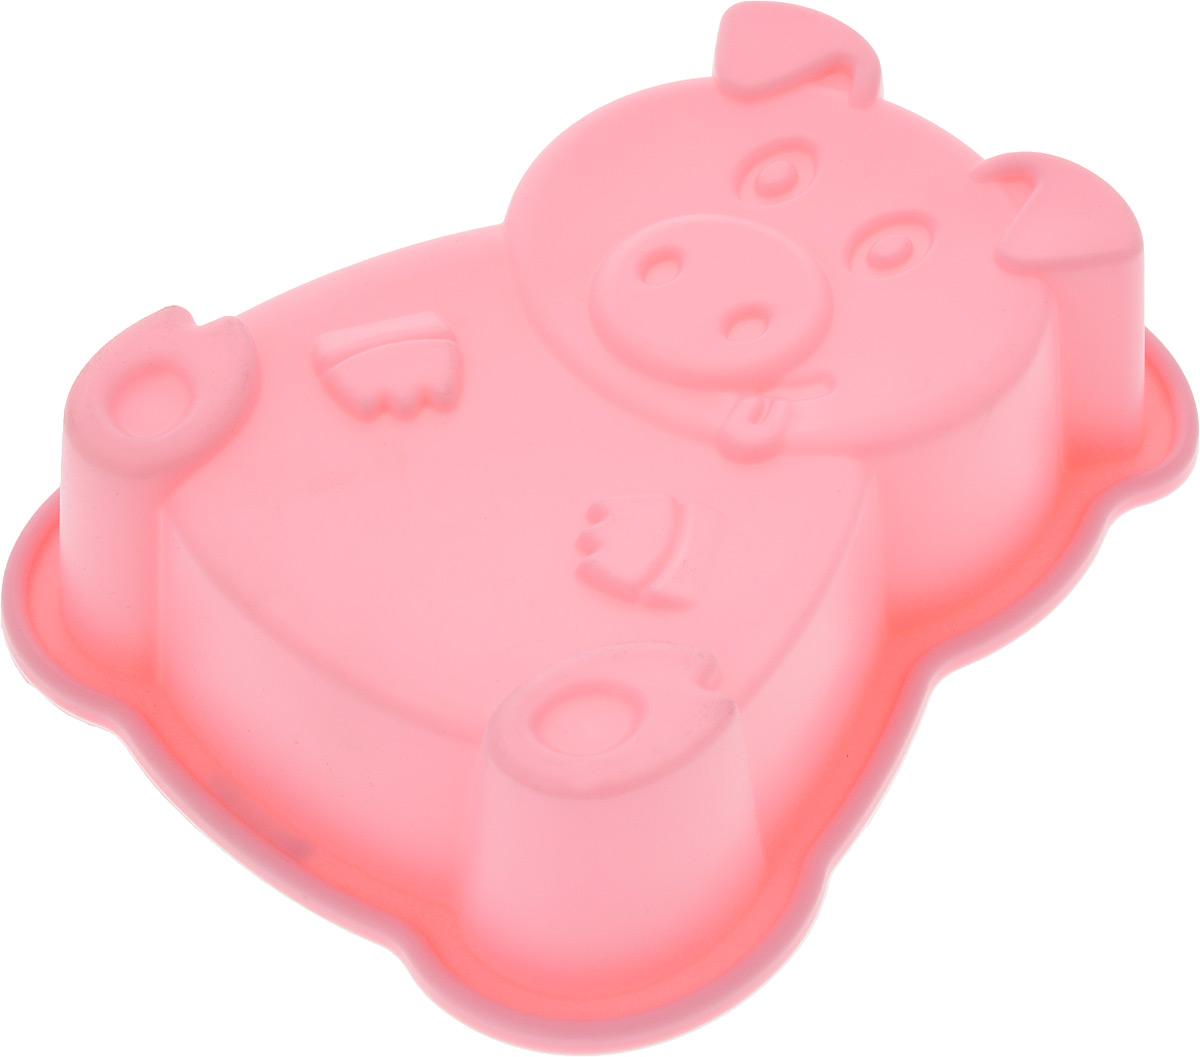 Форма для выпечки и заморозки Regent Inox Поросенок, силиконовая, цвет: розовый